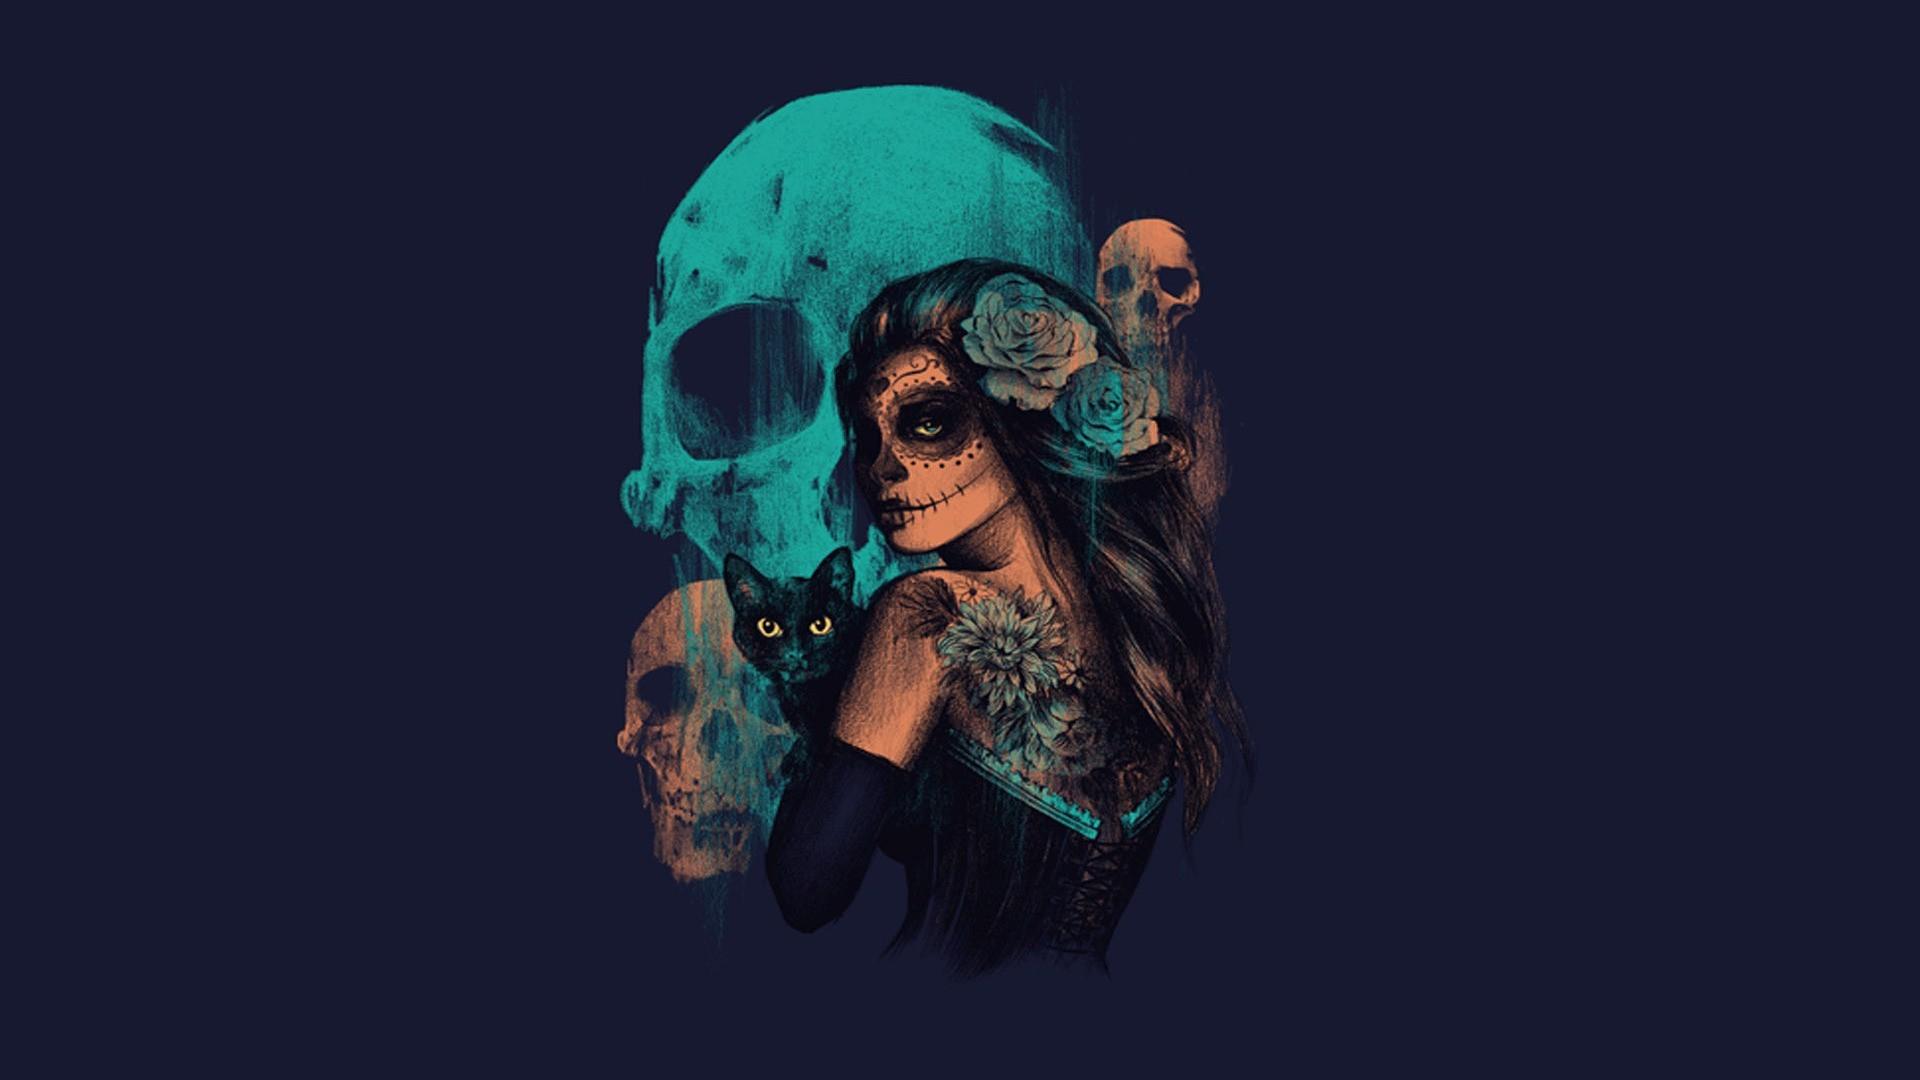 Wallpaper Women Fantasy Art Artwork Blue Skull Sugar Skull